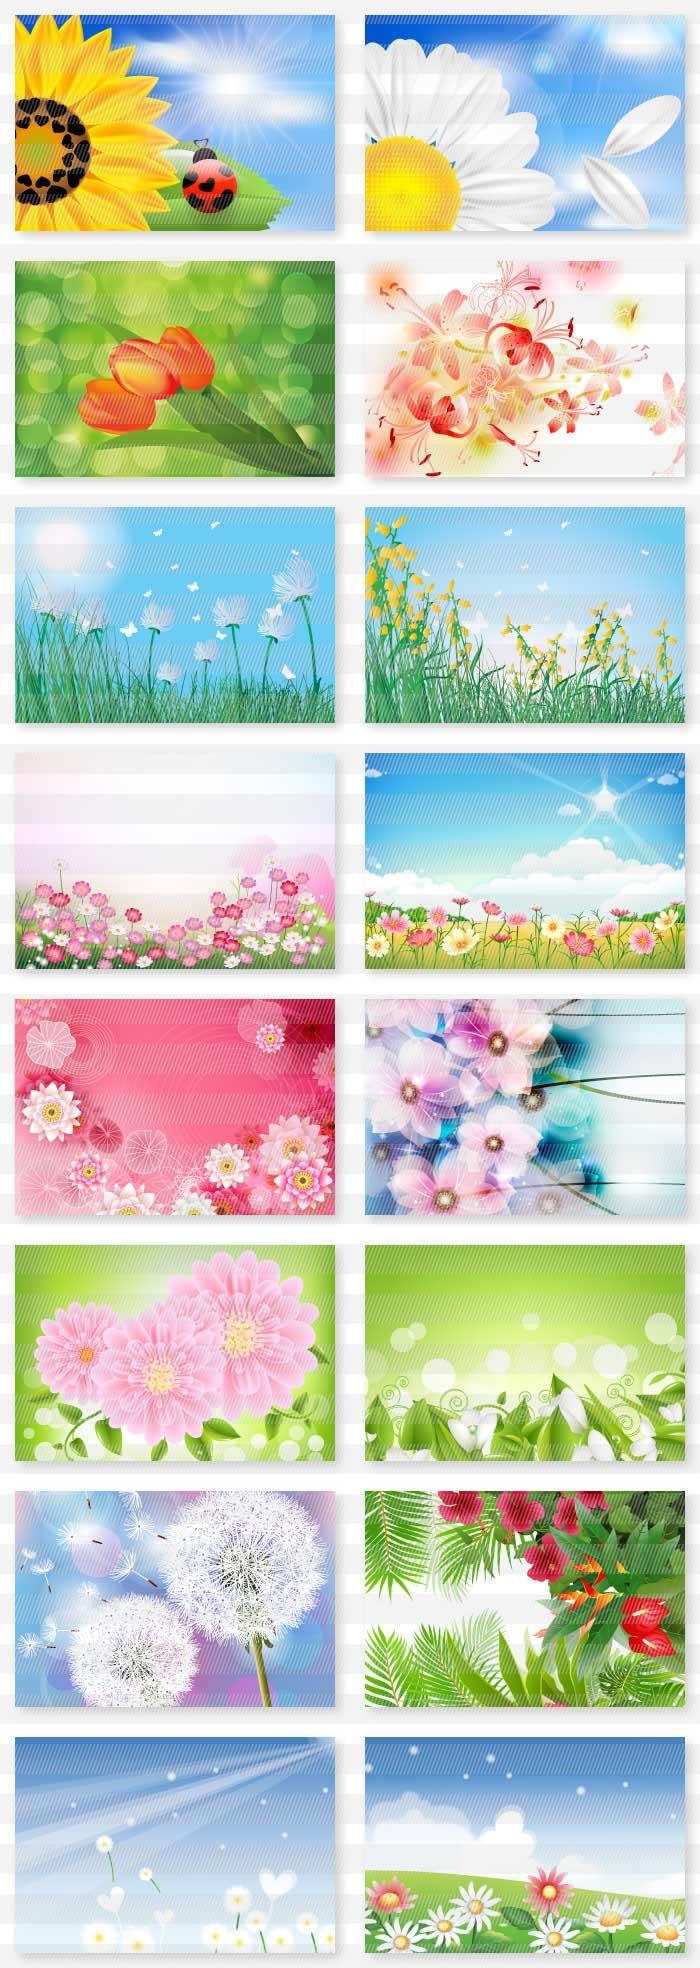 花の風景の背景素材|イラストレーター素材(ai・eps・商用可能)